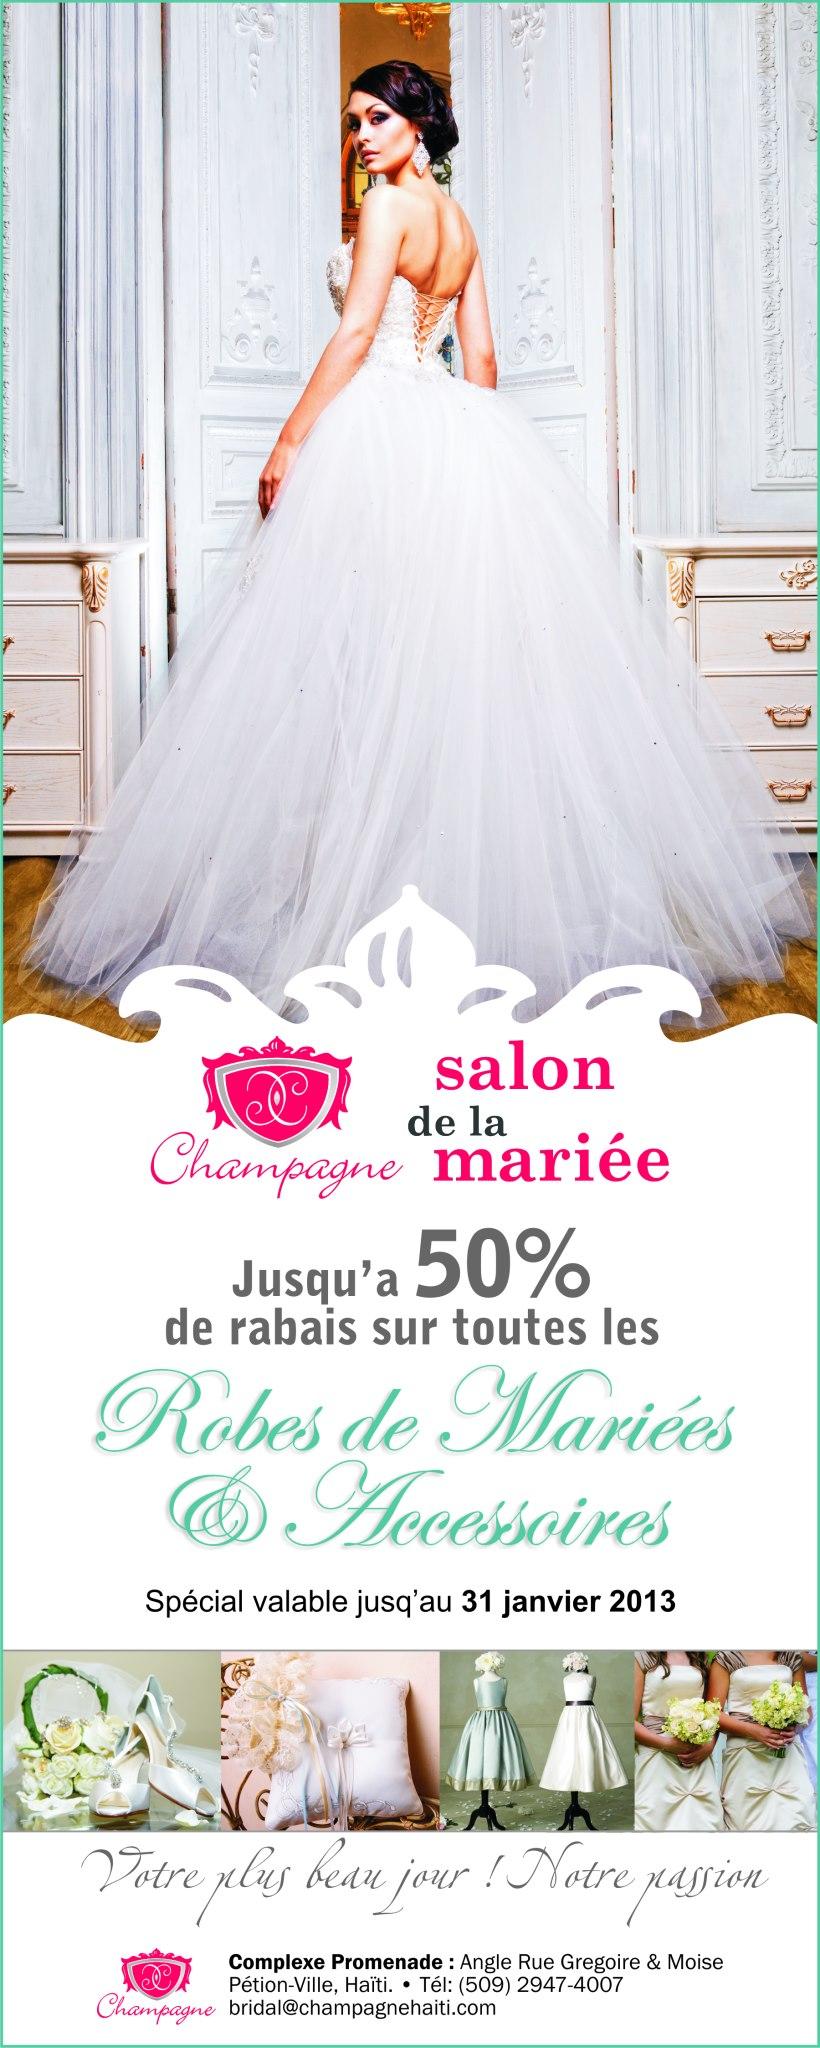 Champagne Salon de la Mariee